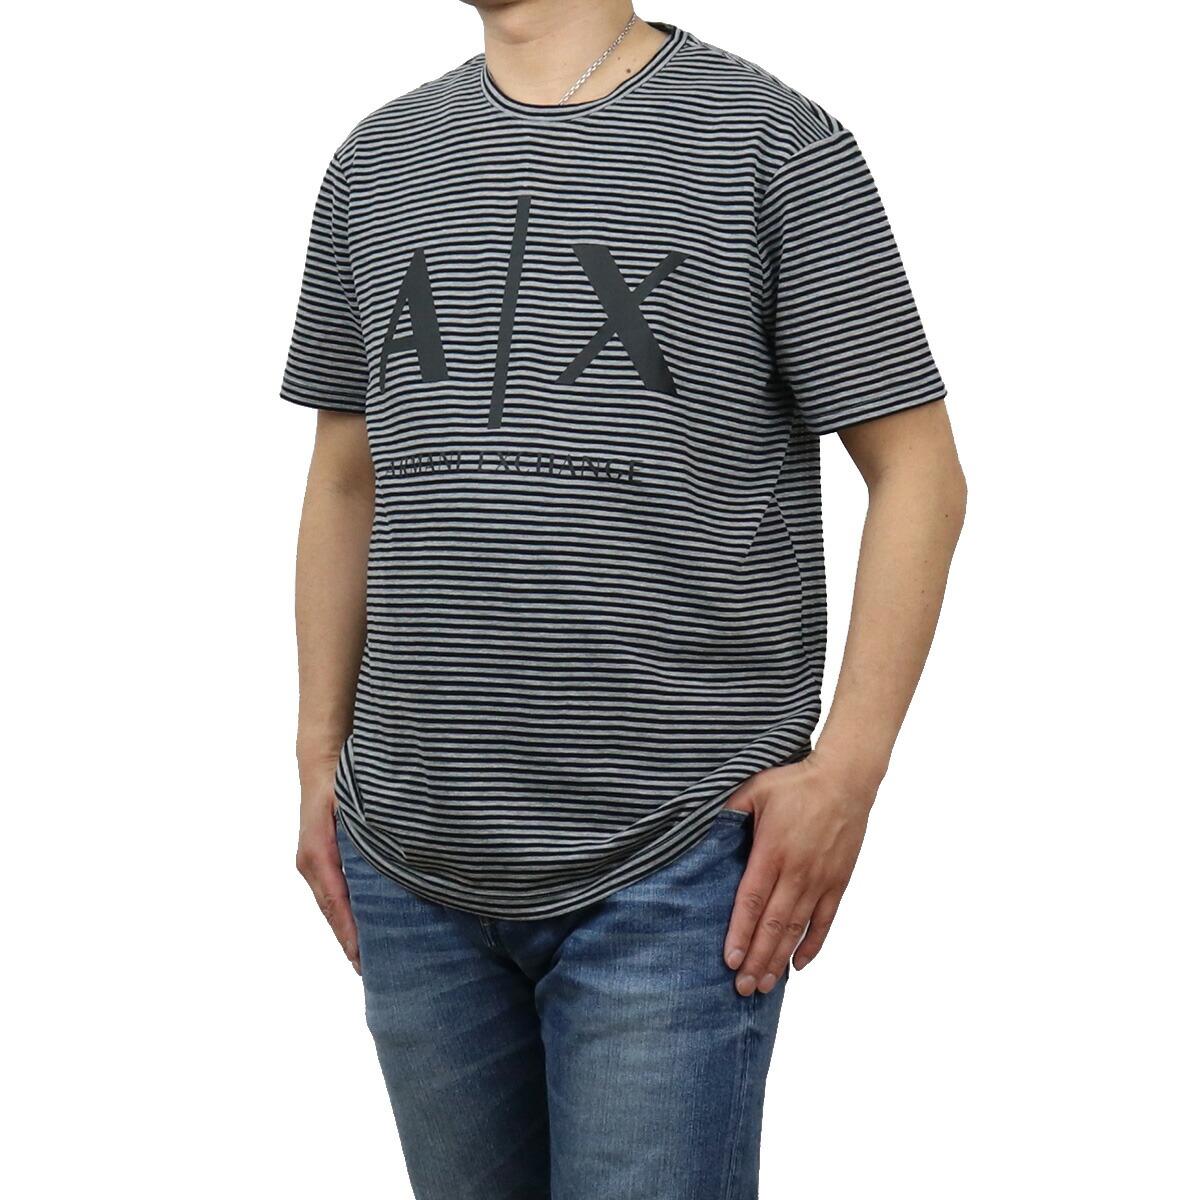 アルマーニエクスチェ ARMANI EXCHANGE メンズ-Tシャツ 3KZMAA ZJKTZ 3932 ブラック グレー系 apparel-01 ts-01 メンズ